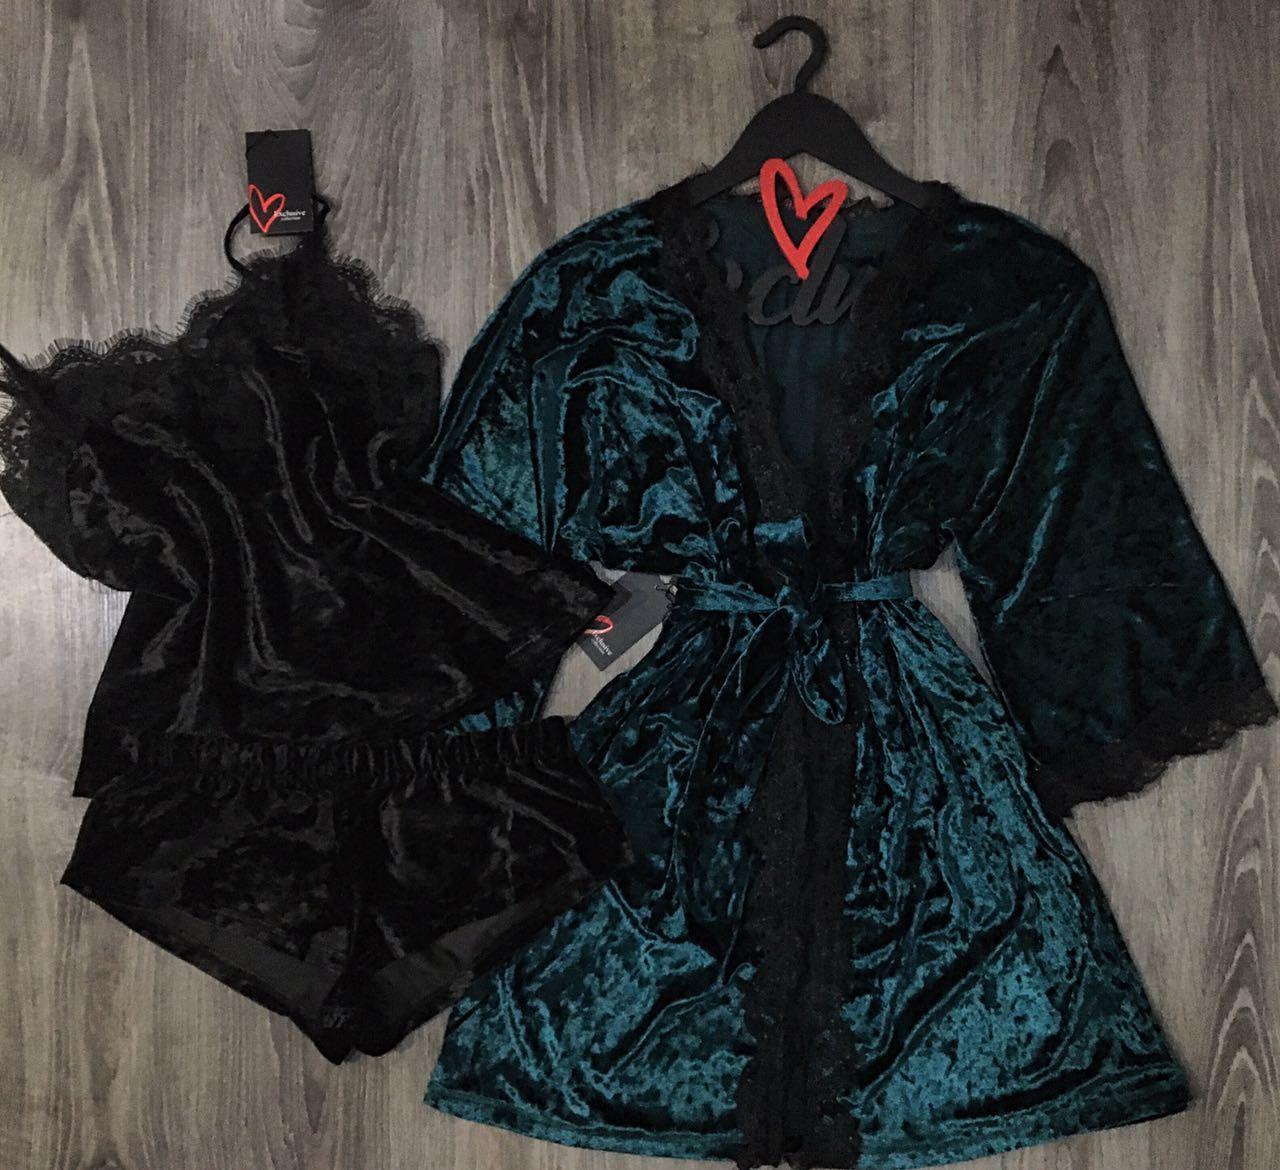 Велюровая пижама майка+шорты и халат-комплект домашней одежды.